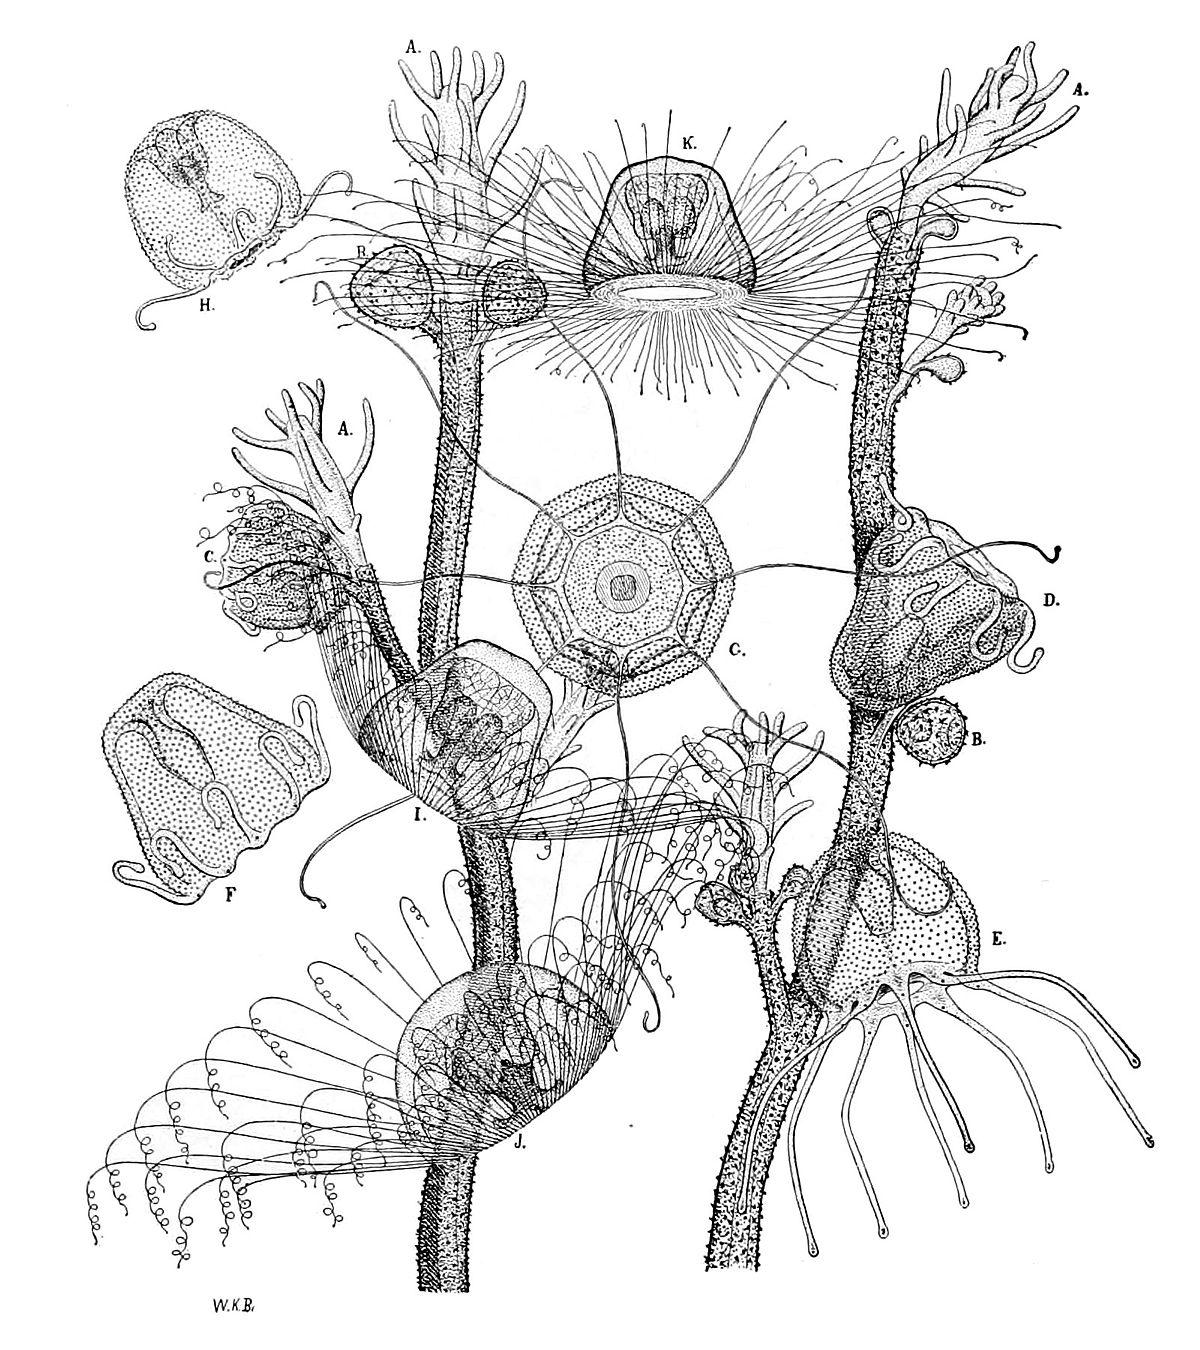 Ölümsüz denizanası Turritopsis nutricula